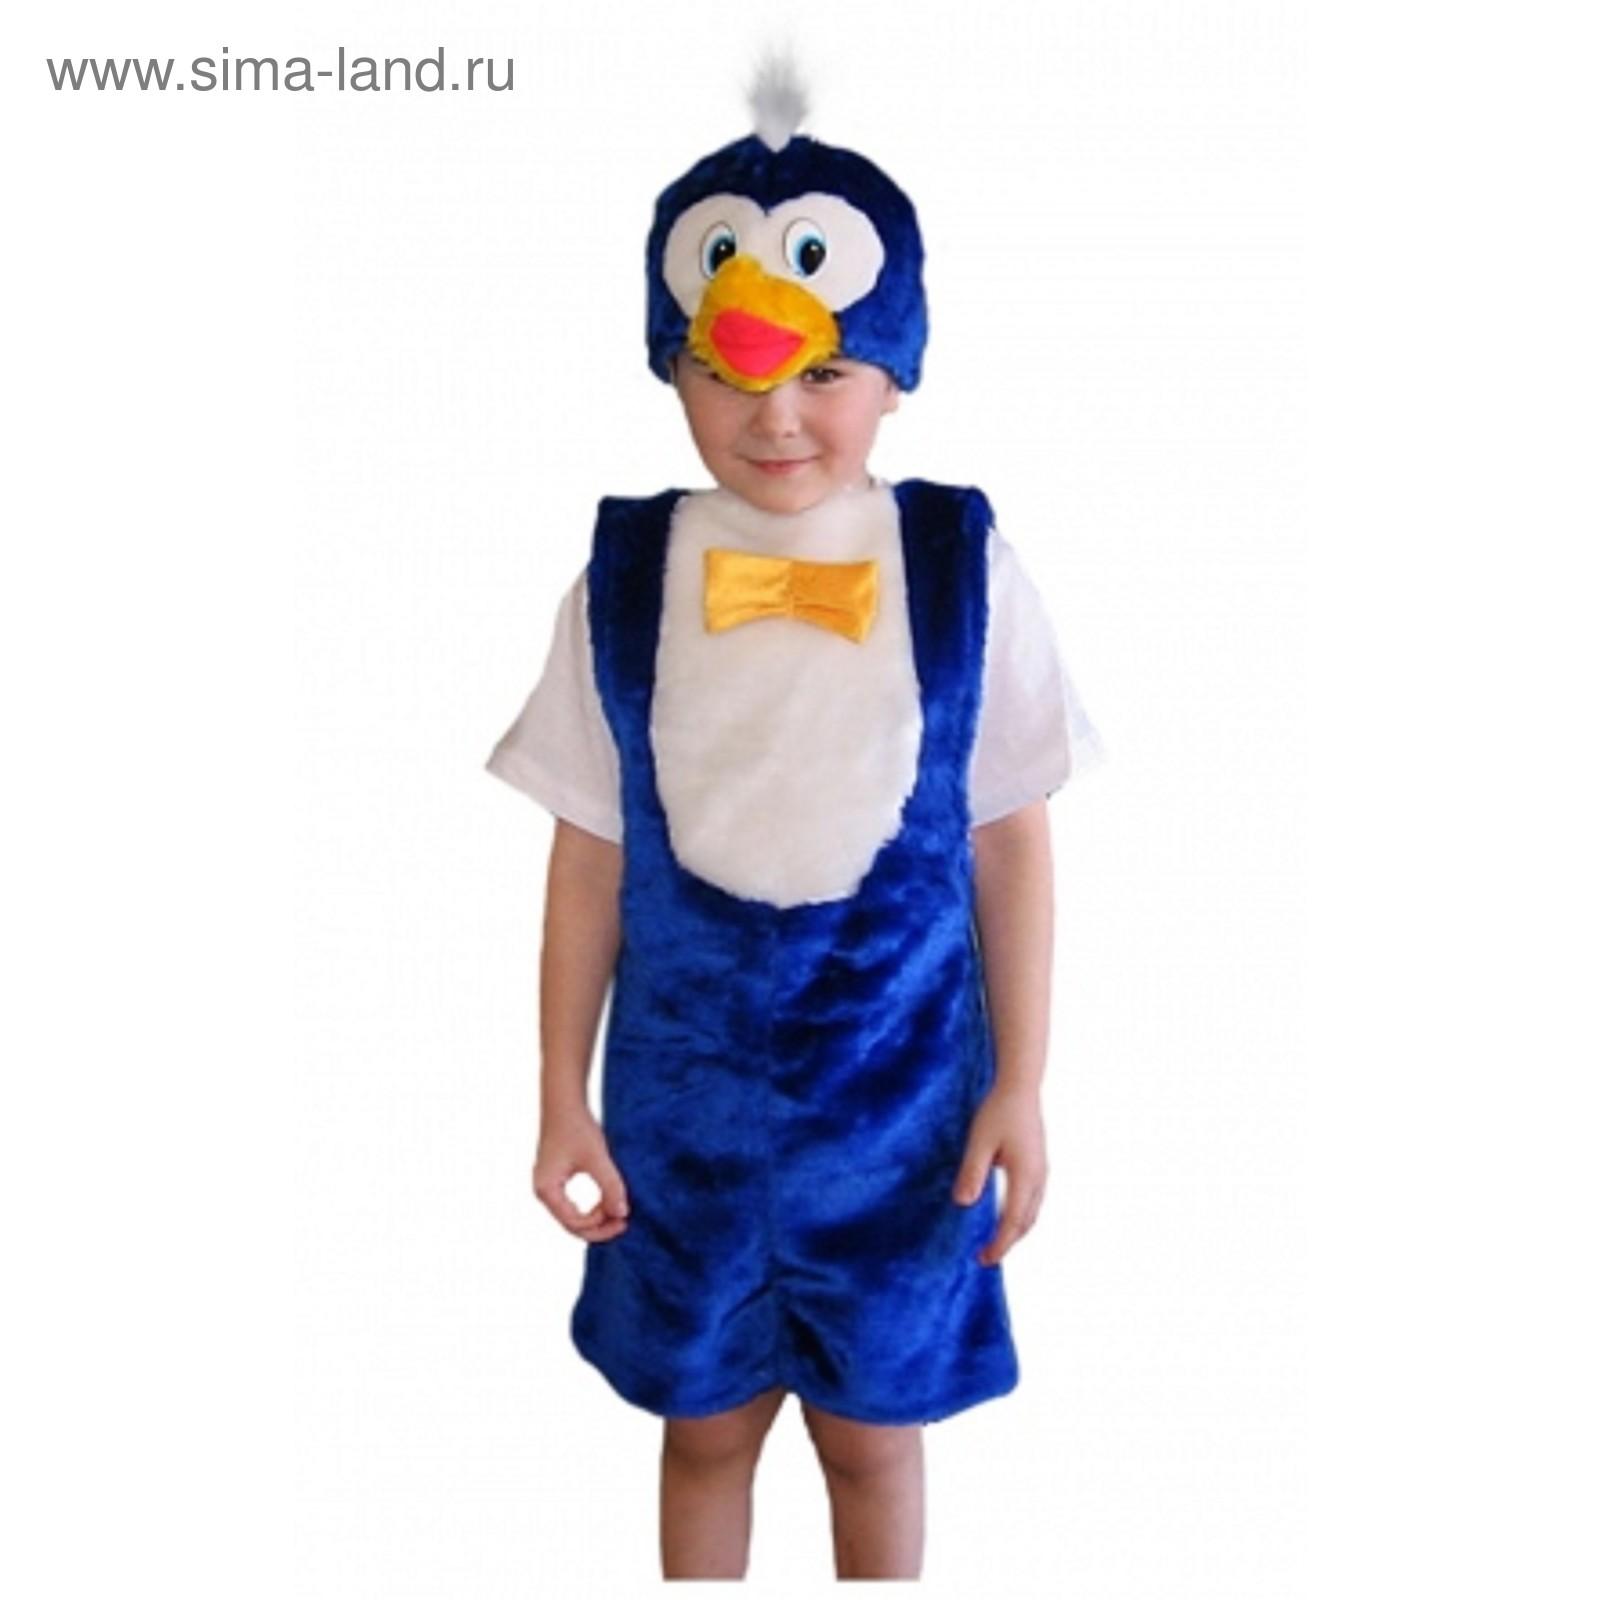 e764a7bf51b6 Детский карнавальный костюм